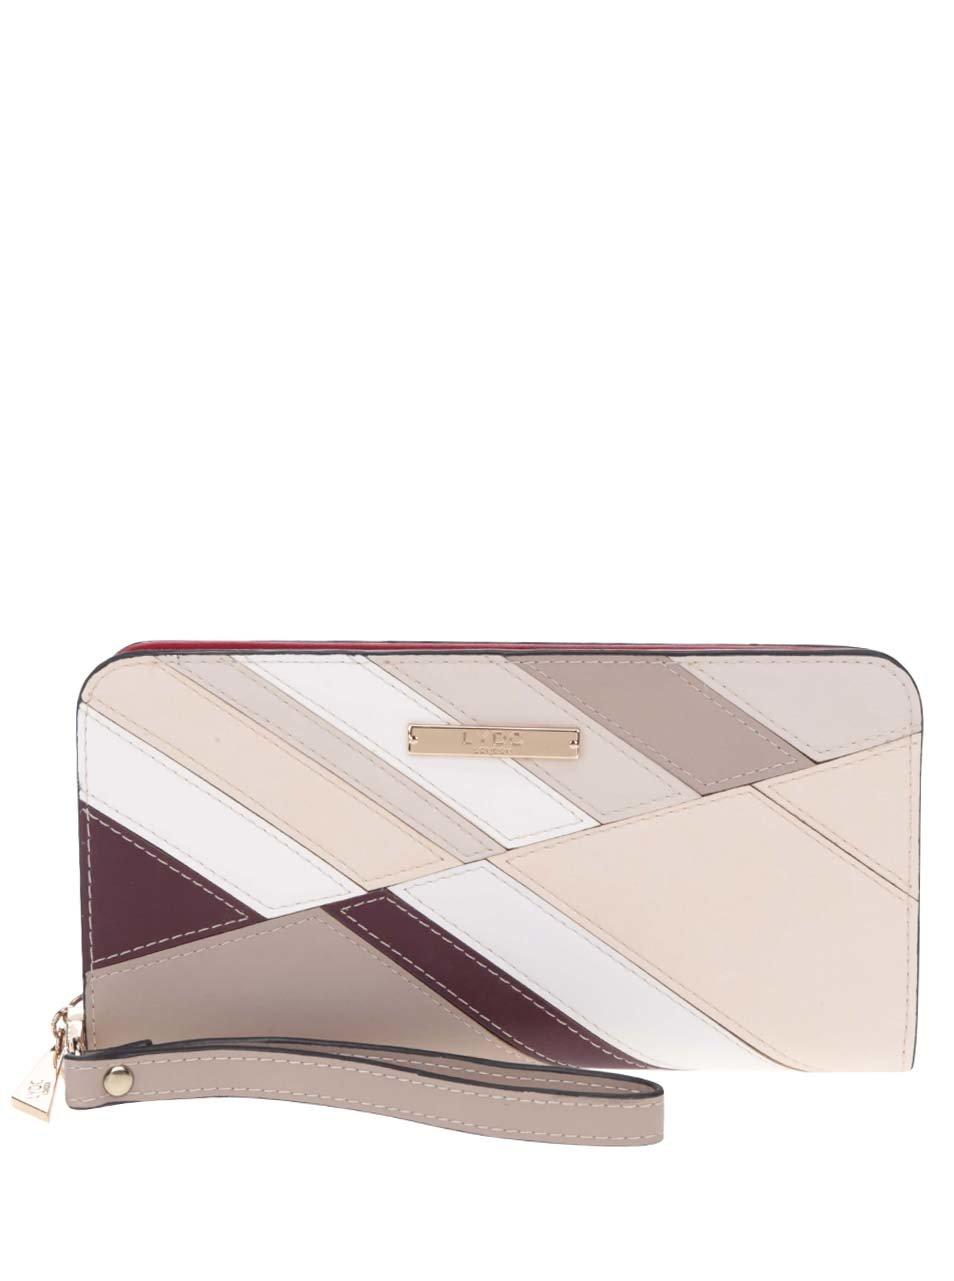 Krémovo-béžová peněženka s poutkem LYDC